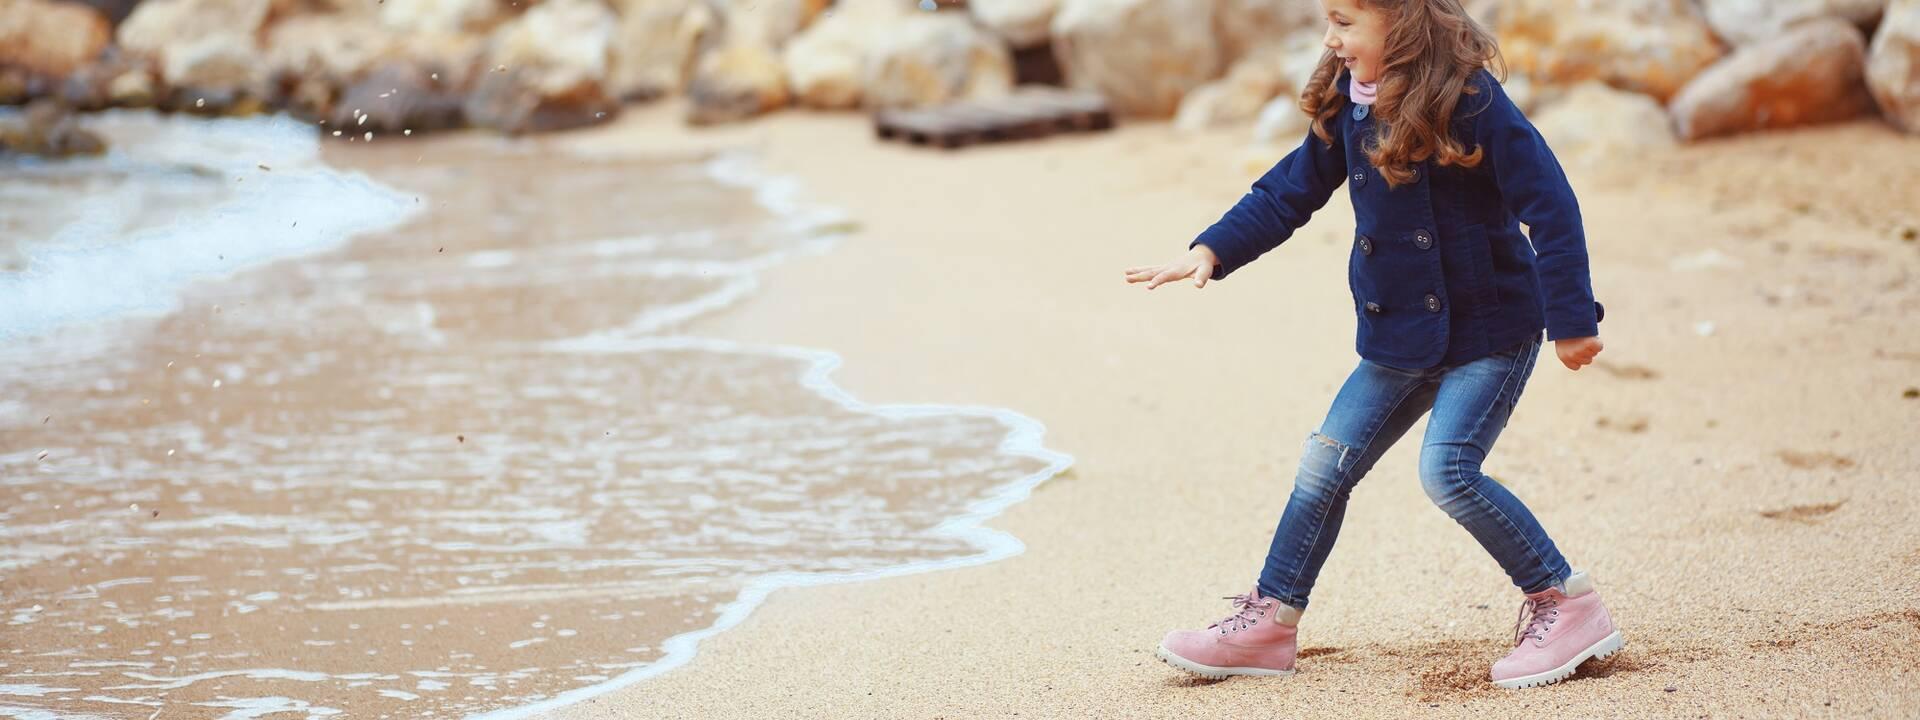 Petite fille à la plage en hiver - ©Shutterstock